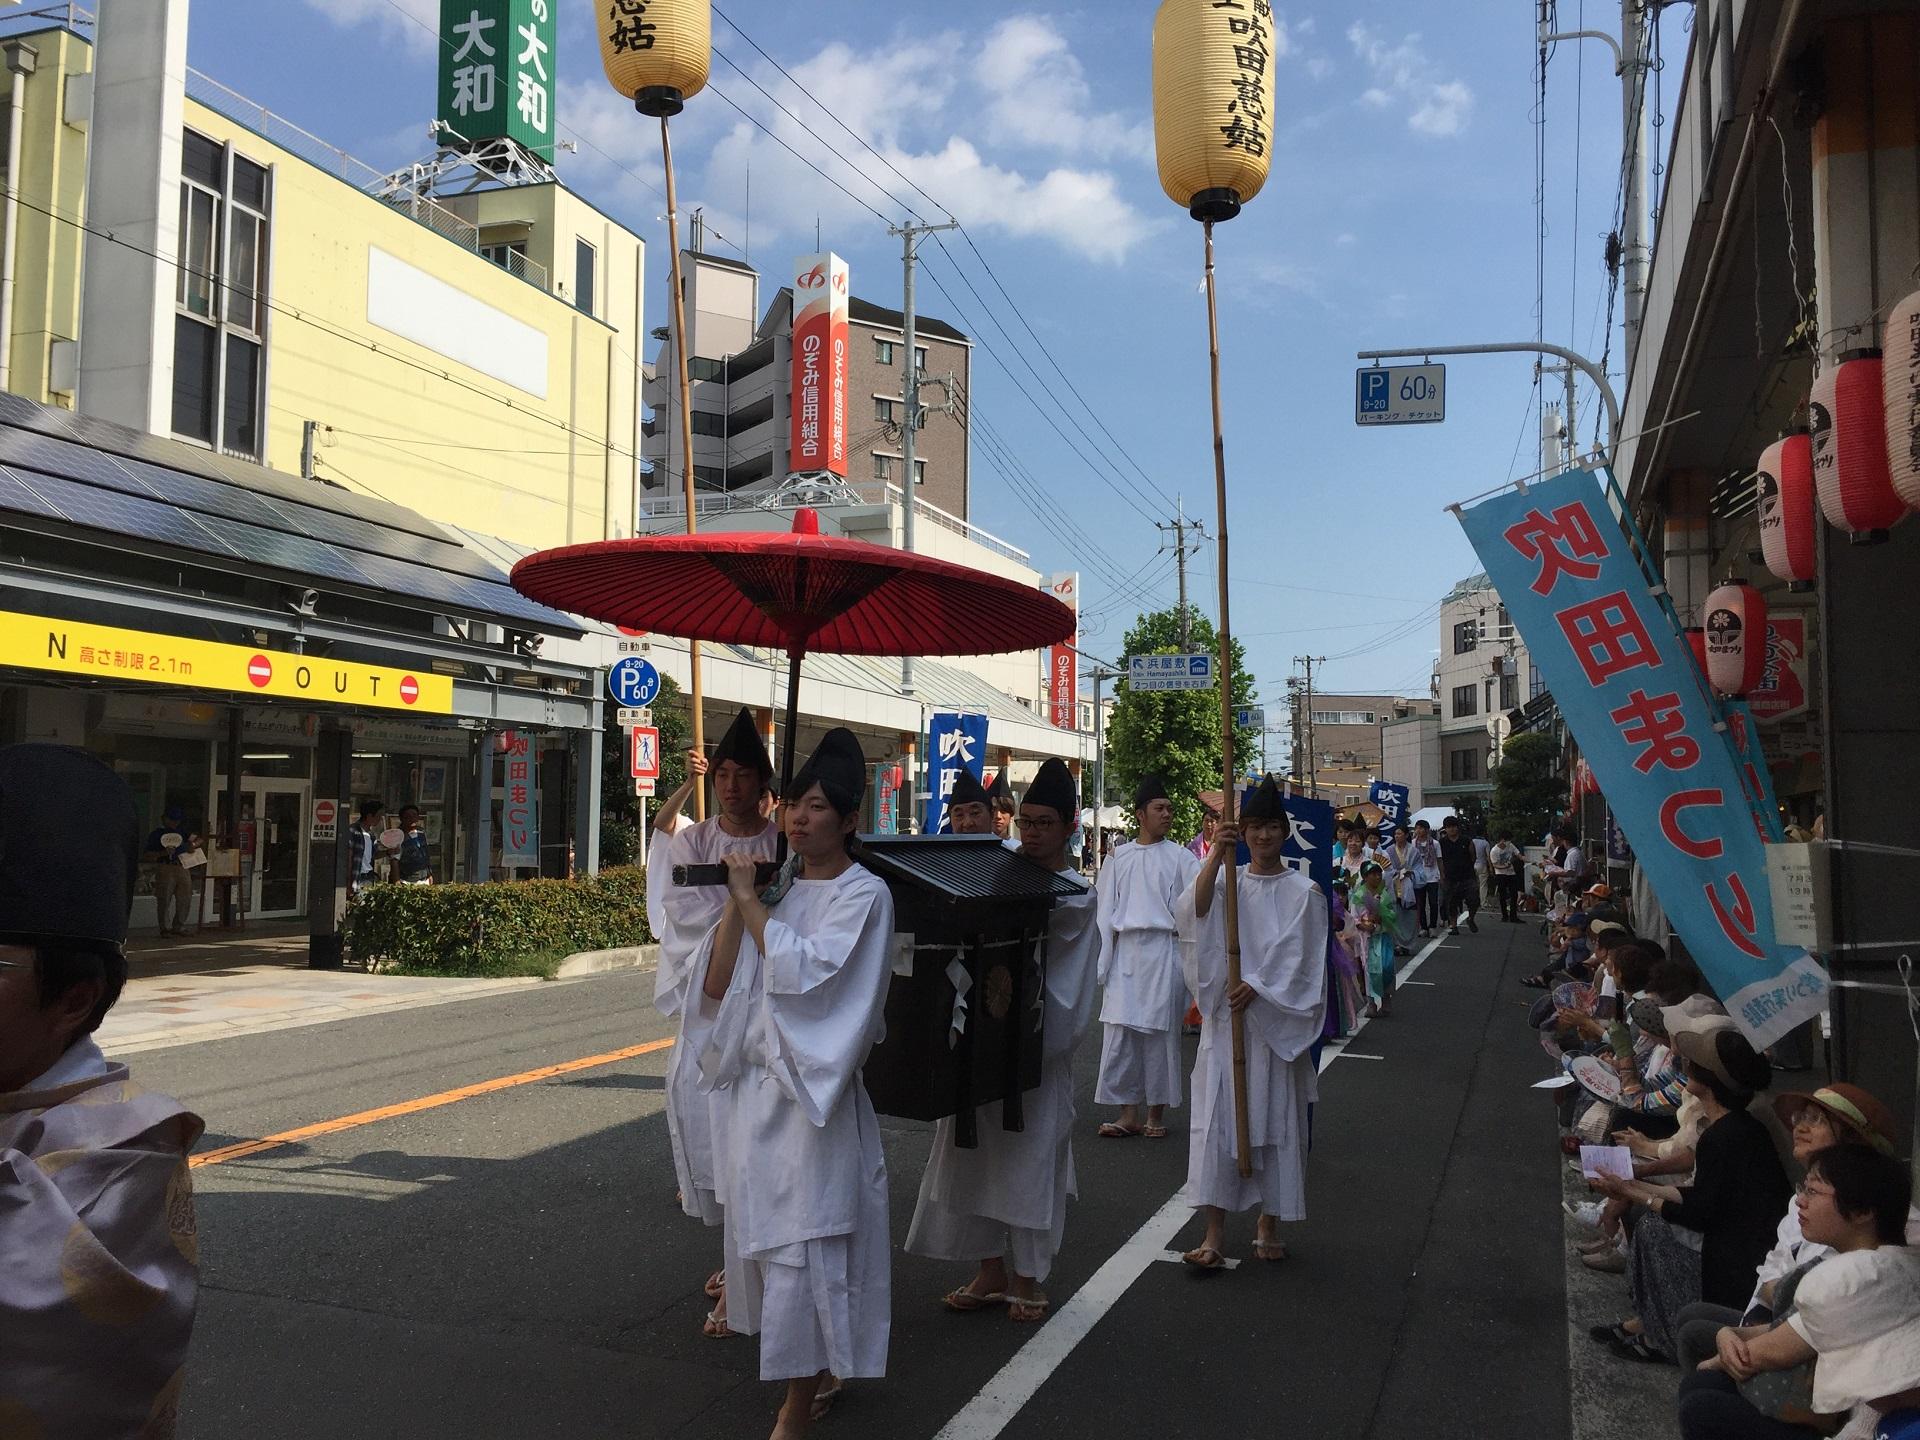 大阪学院大学の学生が吹田くわいの献上行列を再現